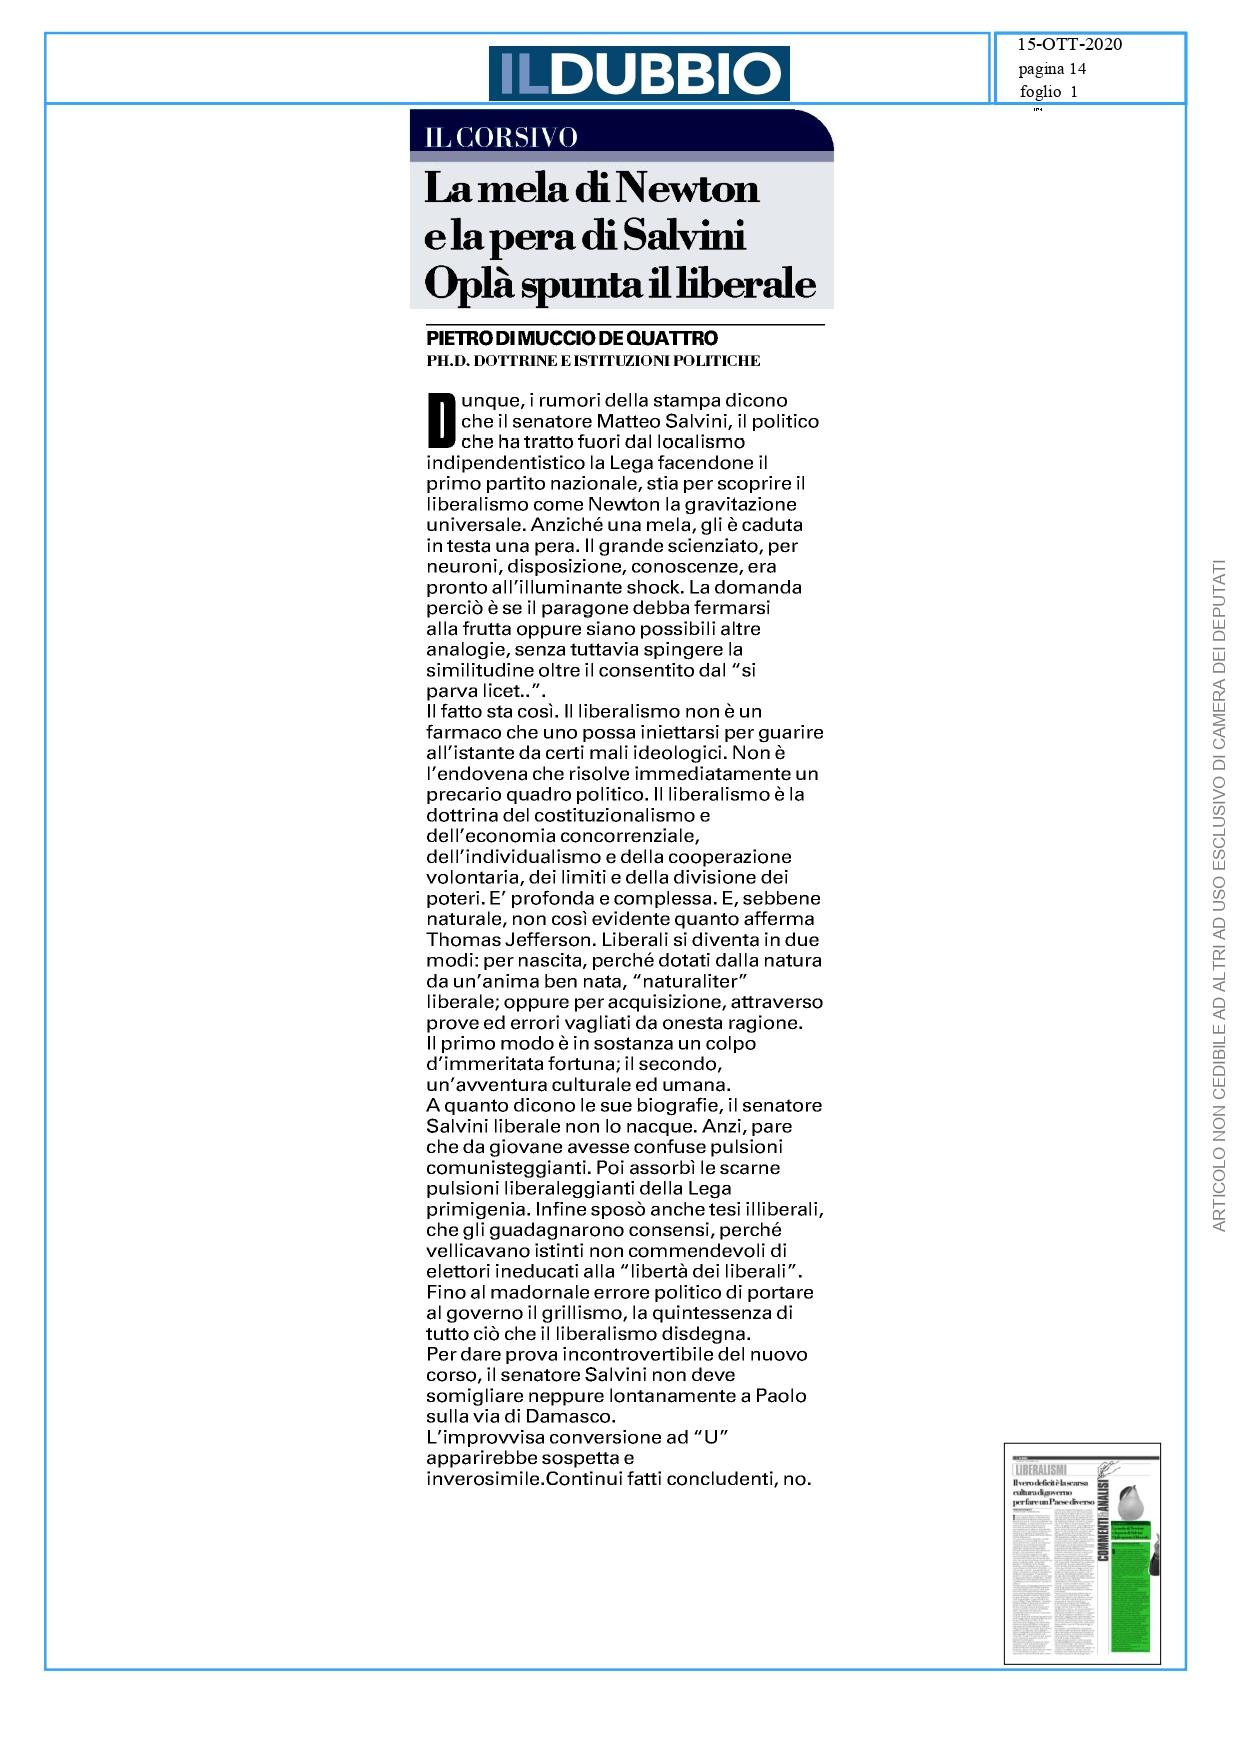 LA-CONVERSIONE-DI-SALVINI-Il-Dubbio-15-ottobre-2020_page-0001.jpg